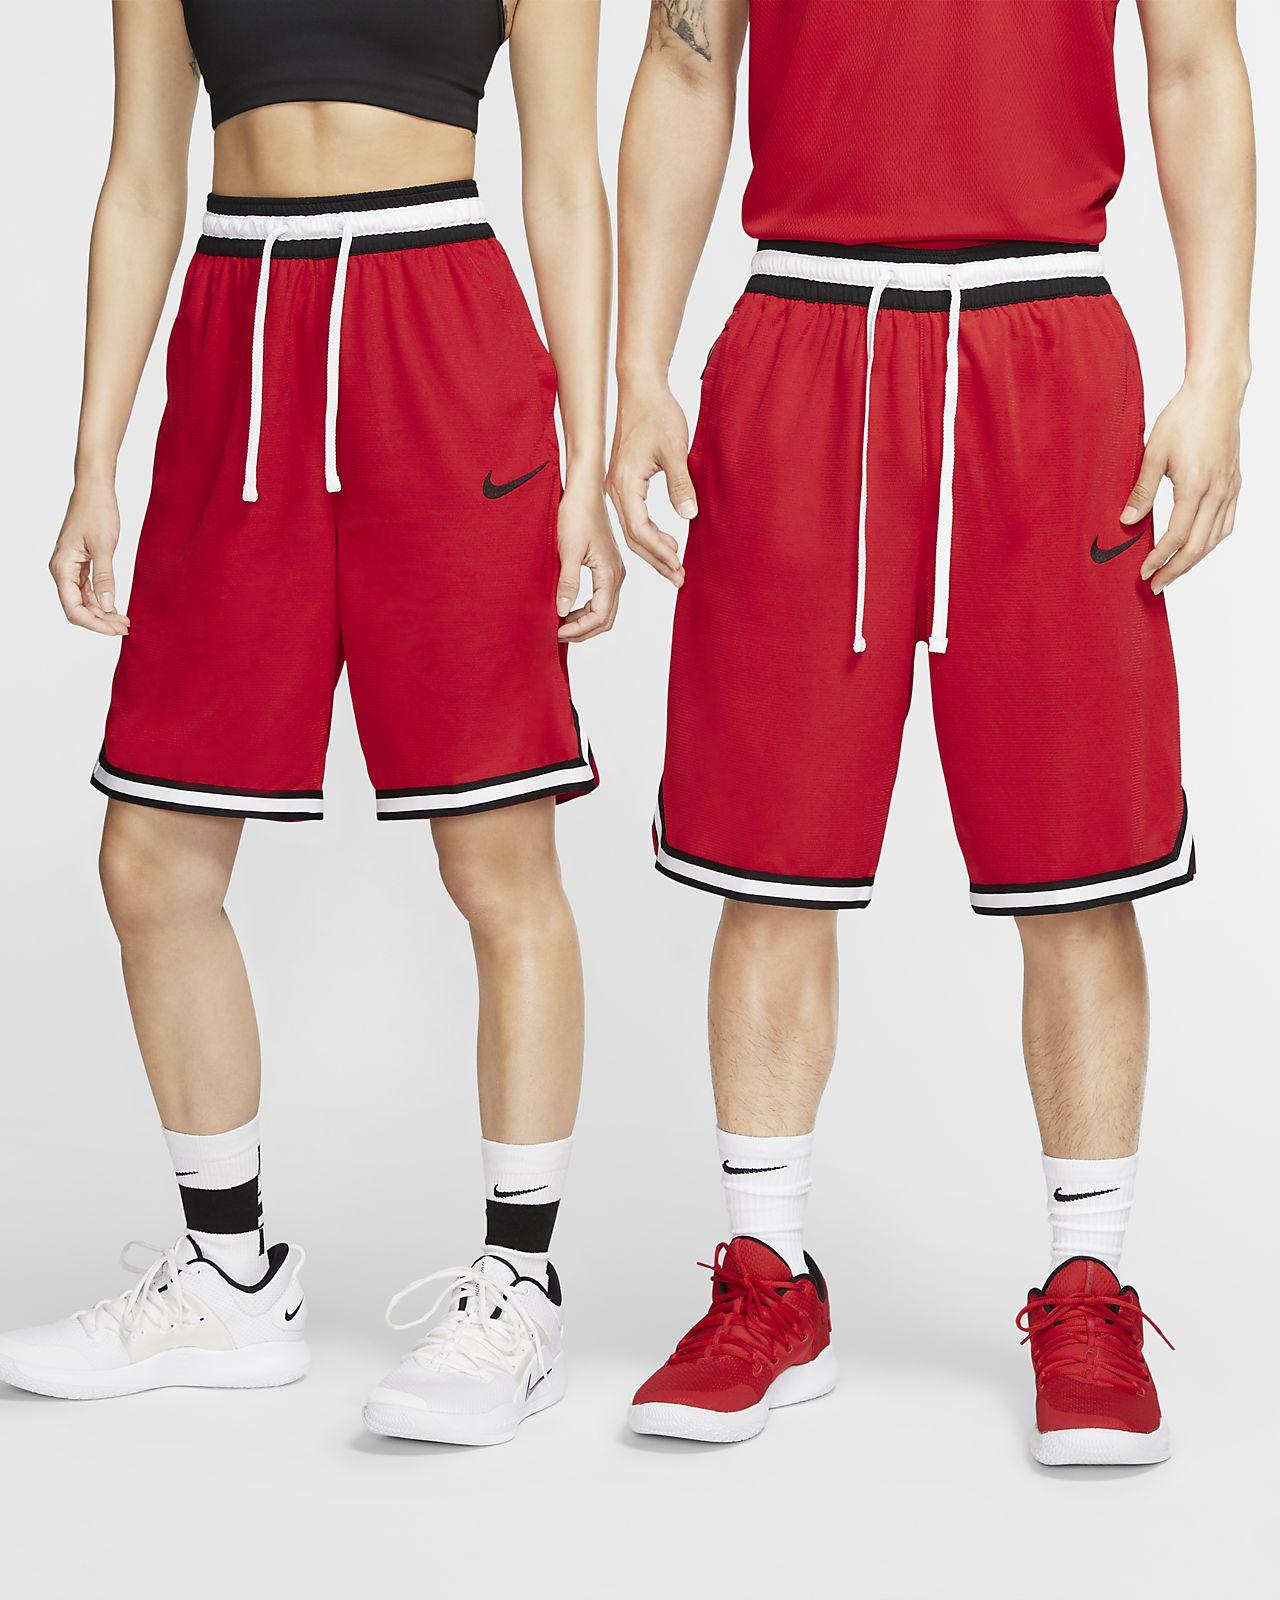 Nike Dri-FIT DNA basketshorts